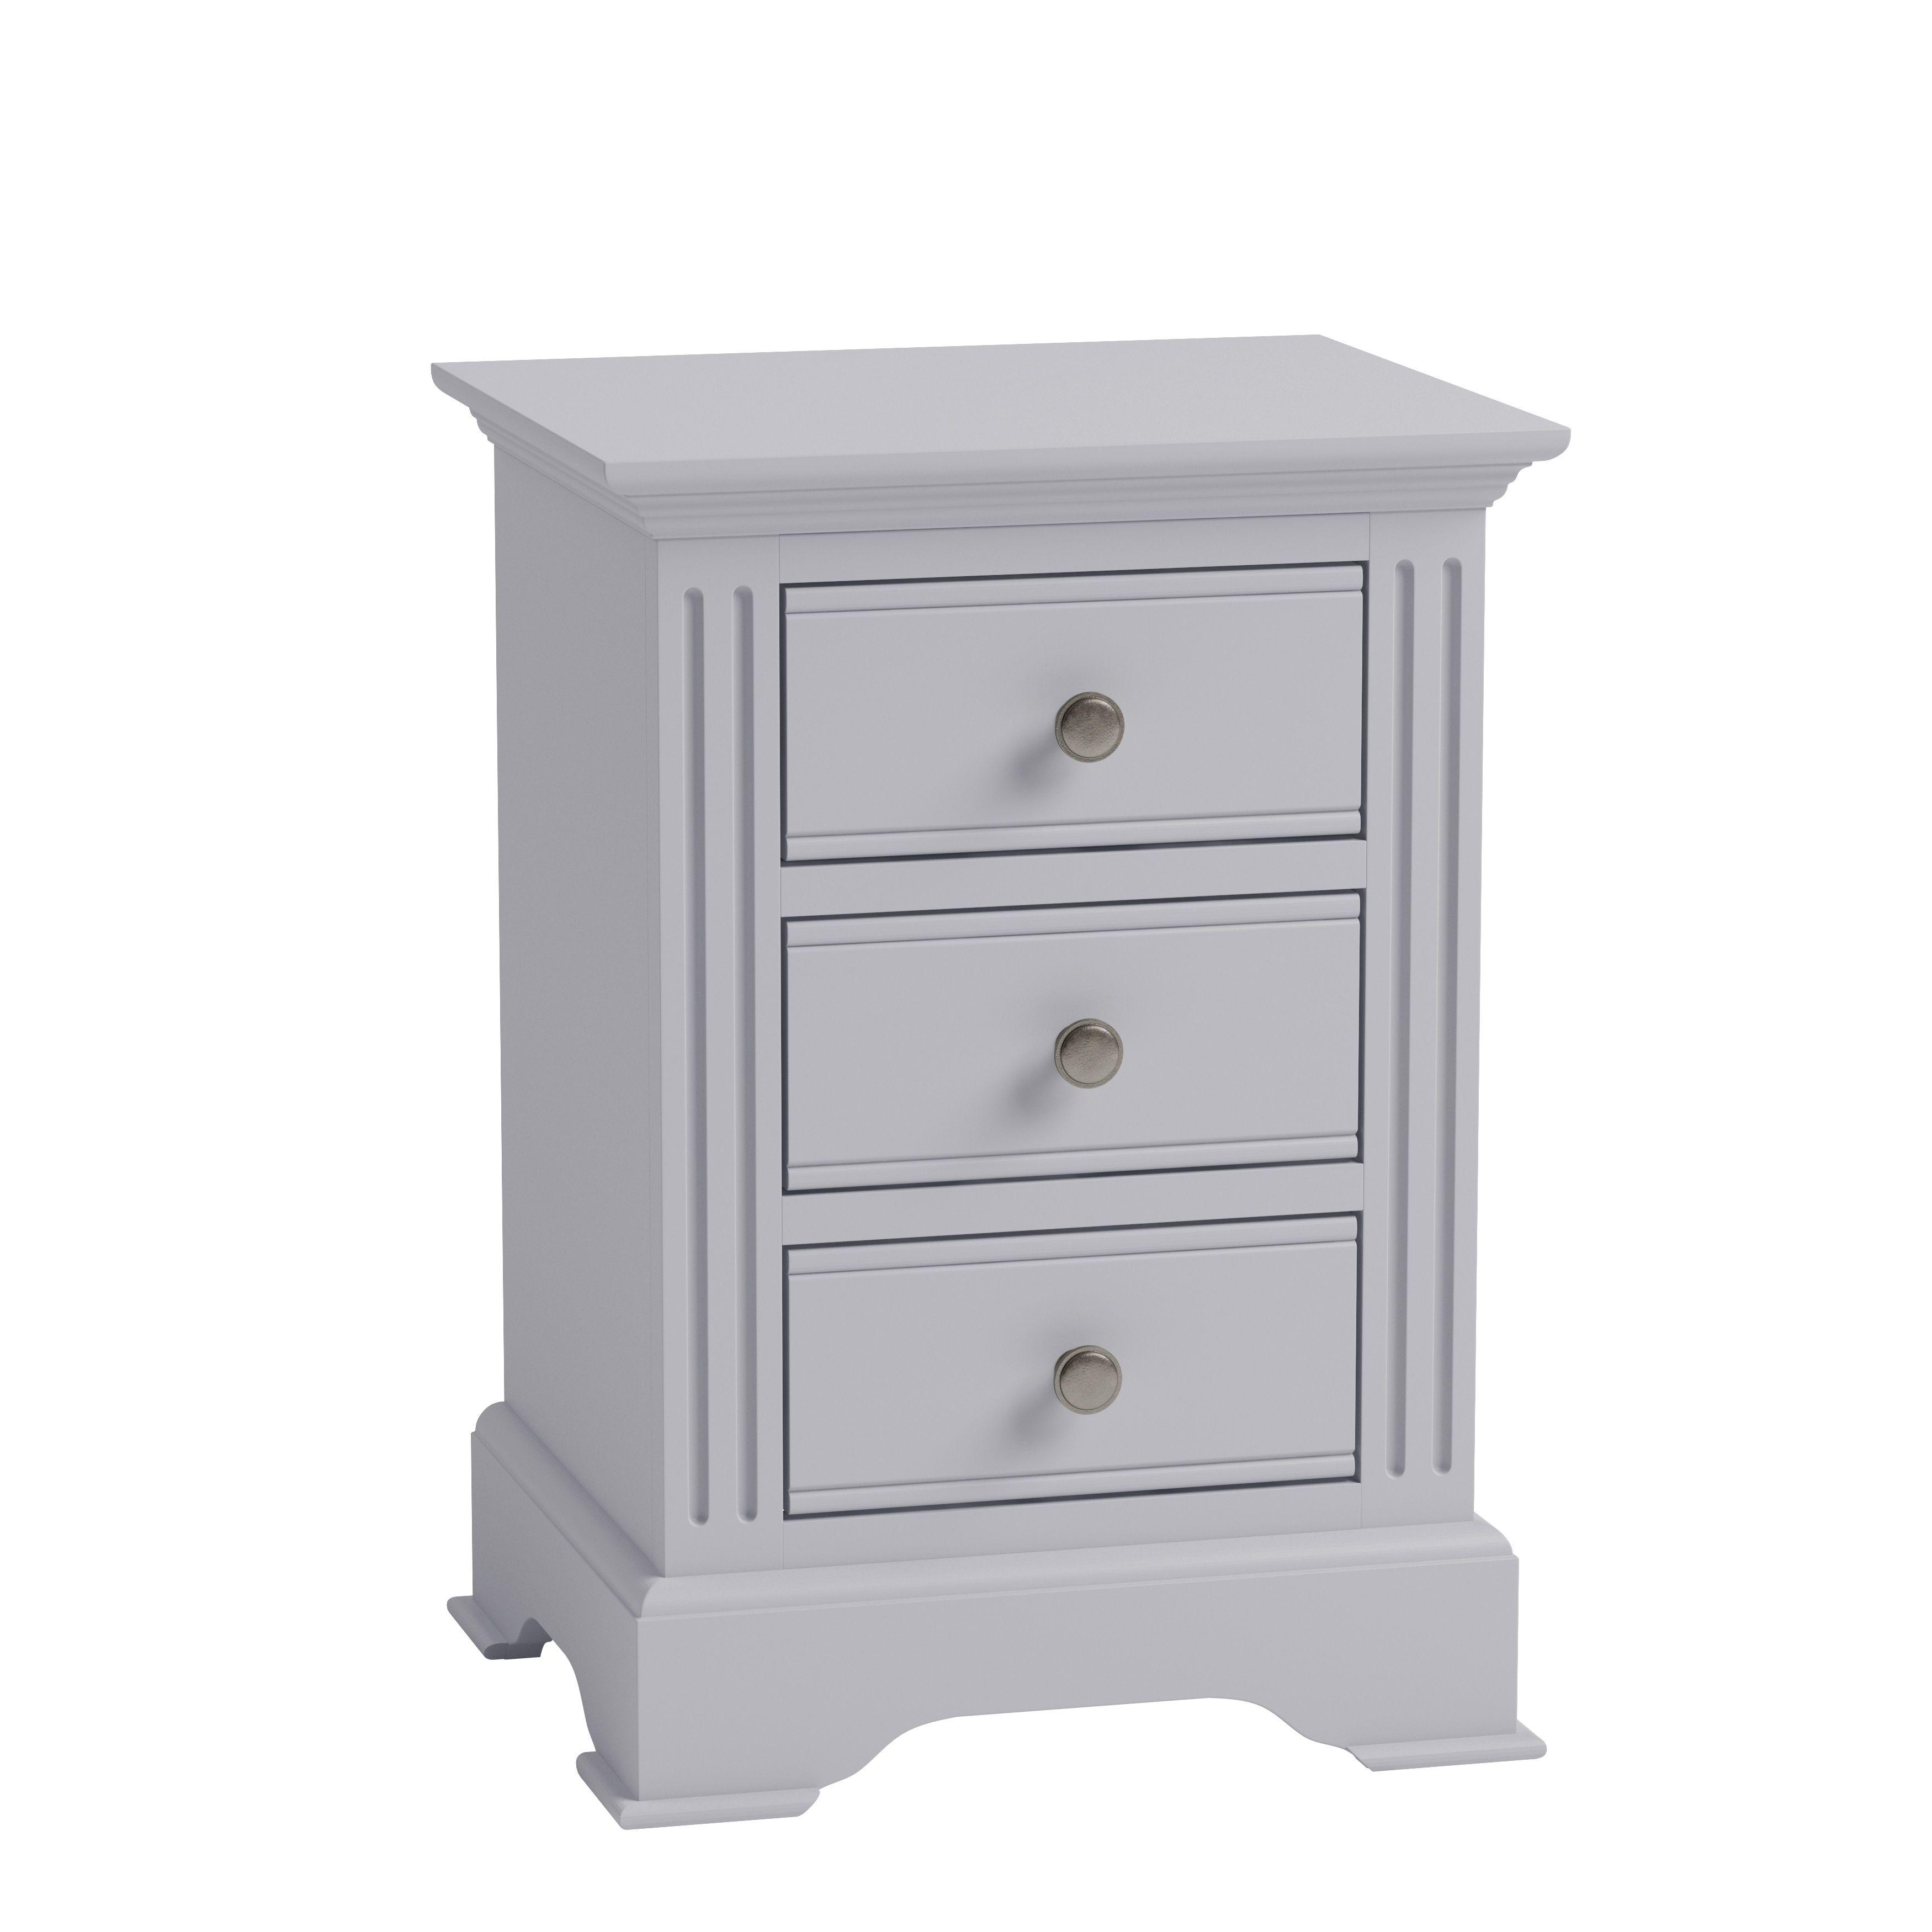 EIFFLE GREY - Large Bedside Cabinet